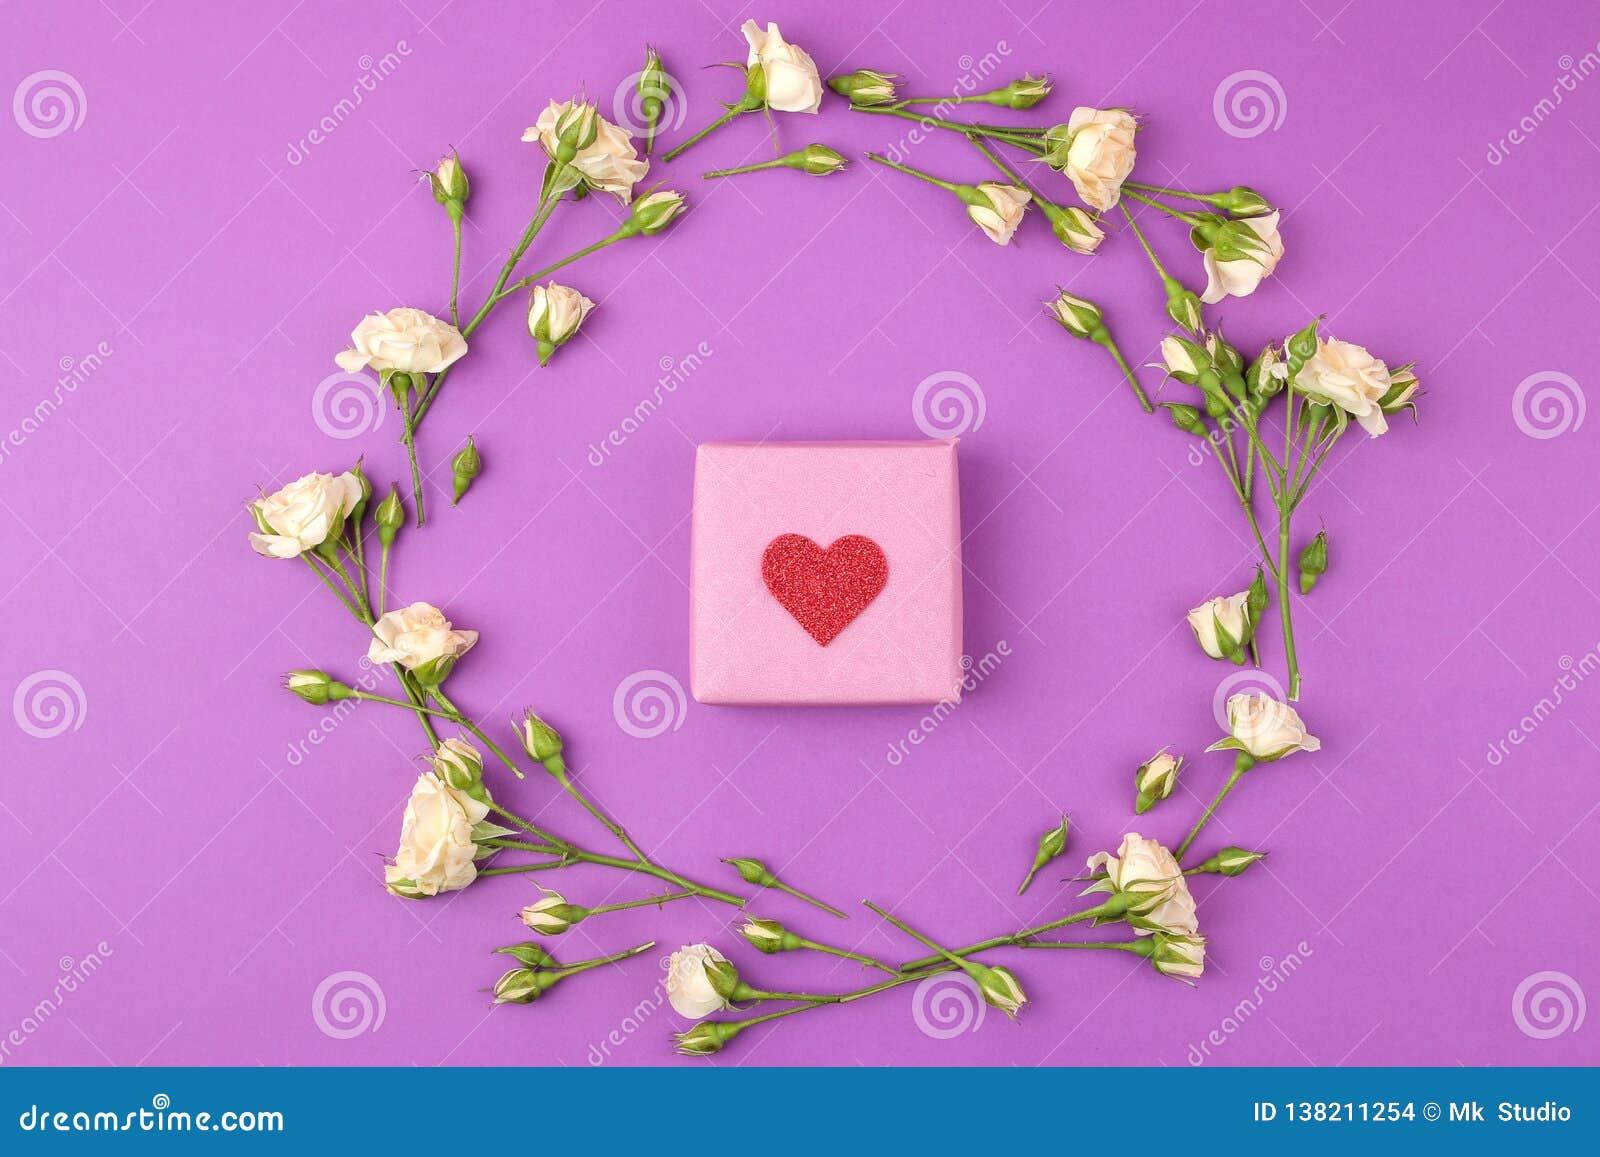 Красивые мини розы и подарочная коробка на яркой предпосылке сирени праздники Валентайн дня s женщины дня s Взгляд сверху